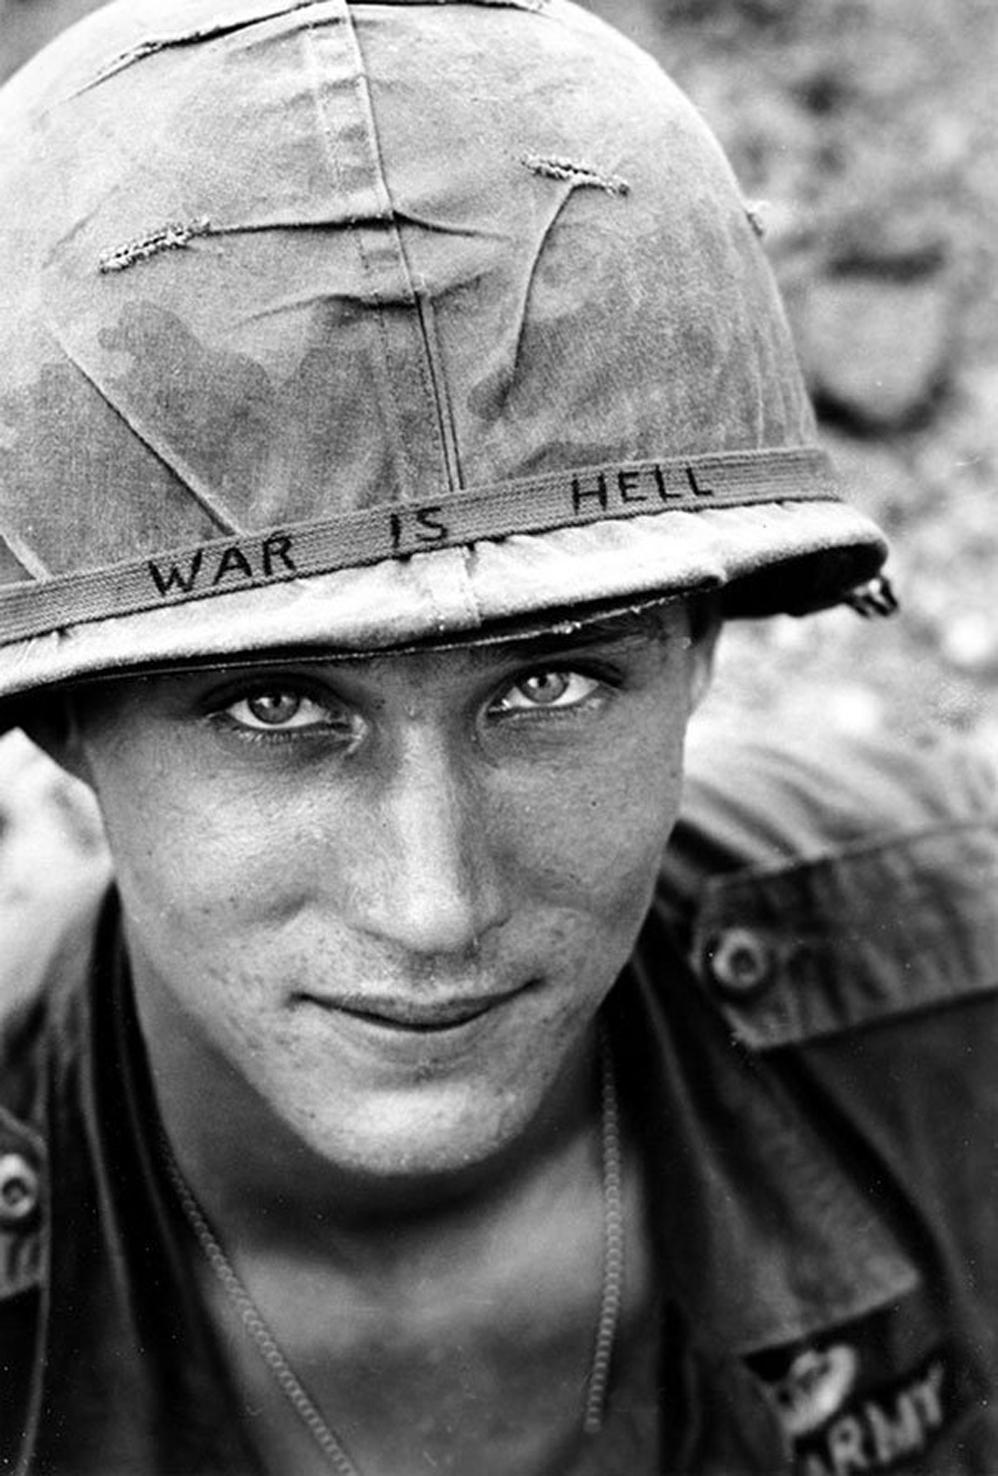 Soldado desconocido en Vietnam, 1965